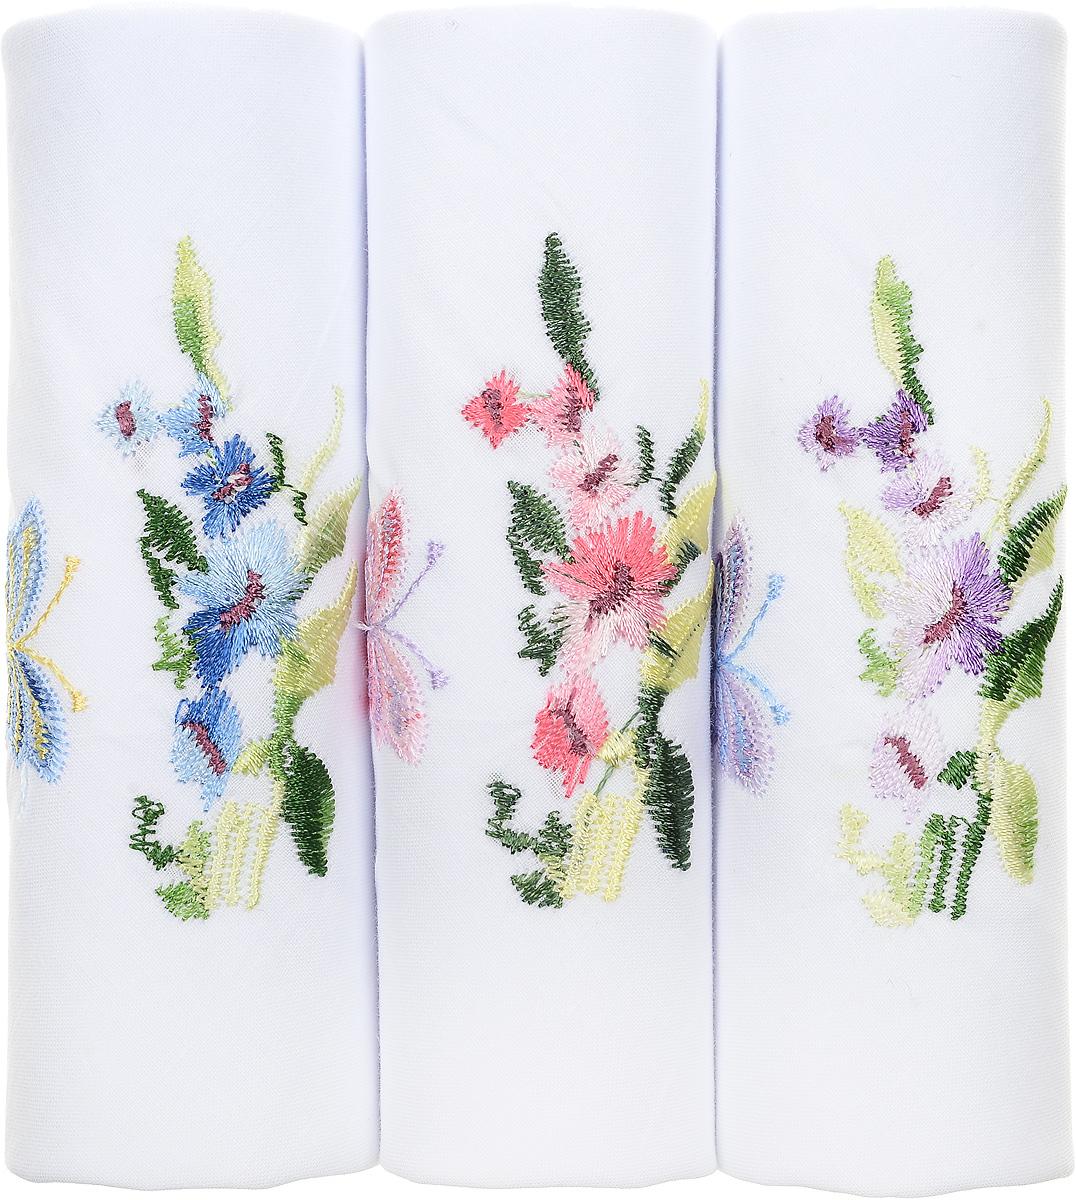 Платок носовой женский Zlata Korunka, цвет: белый, мультиколор, 3 шт. 40320-8. Размер 43 см х 43 см40320-8Оригинальный женский носовой платок Zlata Korunka изготовлен из высококачественного натурального хлопка, благодаря чему приятен в использовании, хорошо стирается, не садится и отлично впитывает влагу. Практичный и изящный носовой платок будет незаменим в повседневной жизни любого современного человека. Такой платок послужит стильным аксессуаром и подчеркнет ваше превосходное чувство вкуса.